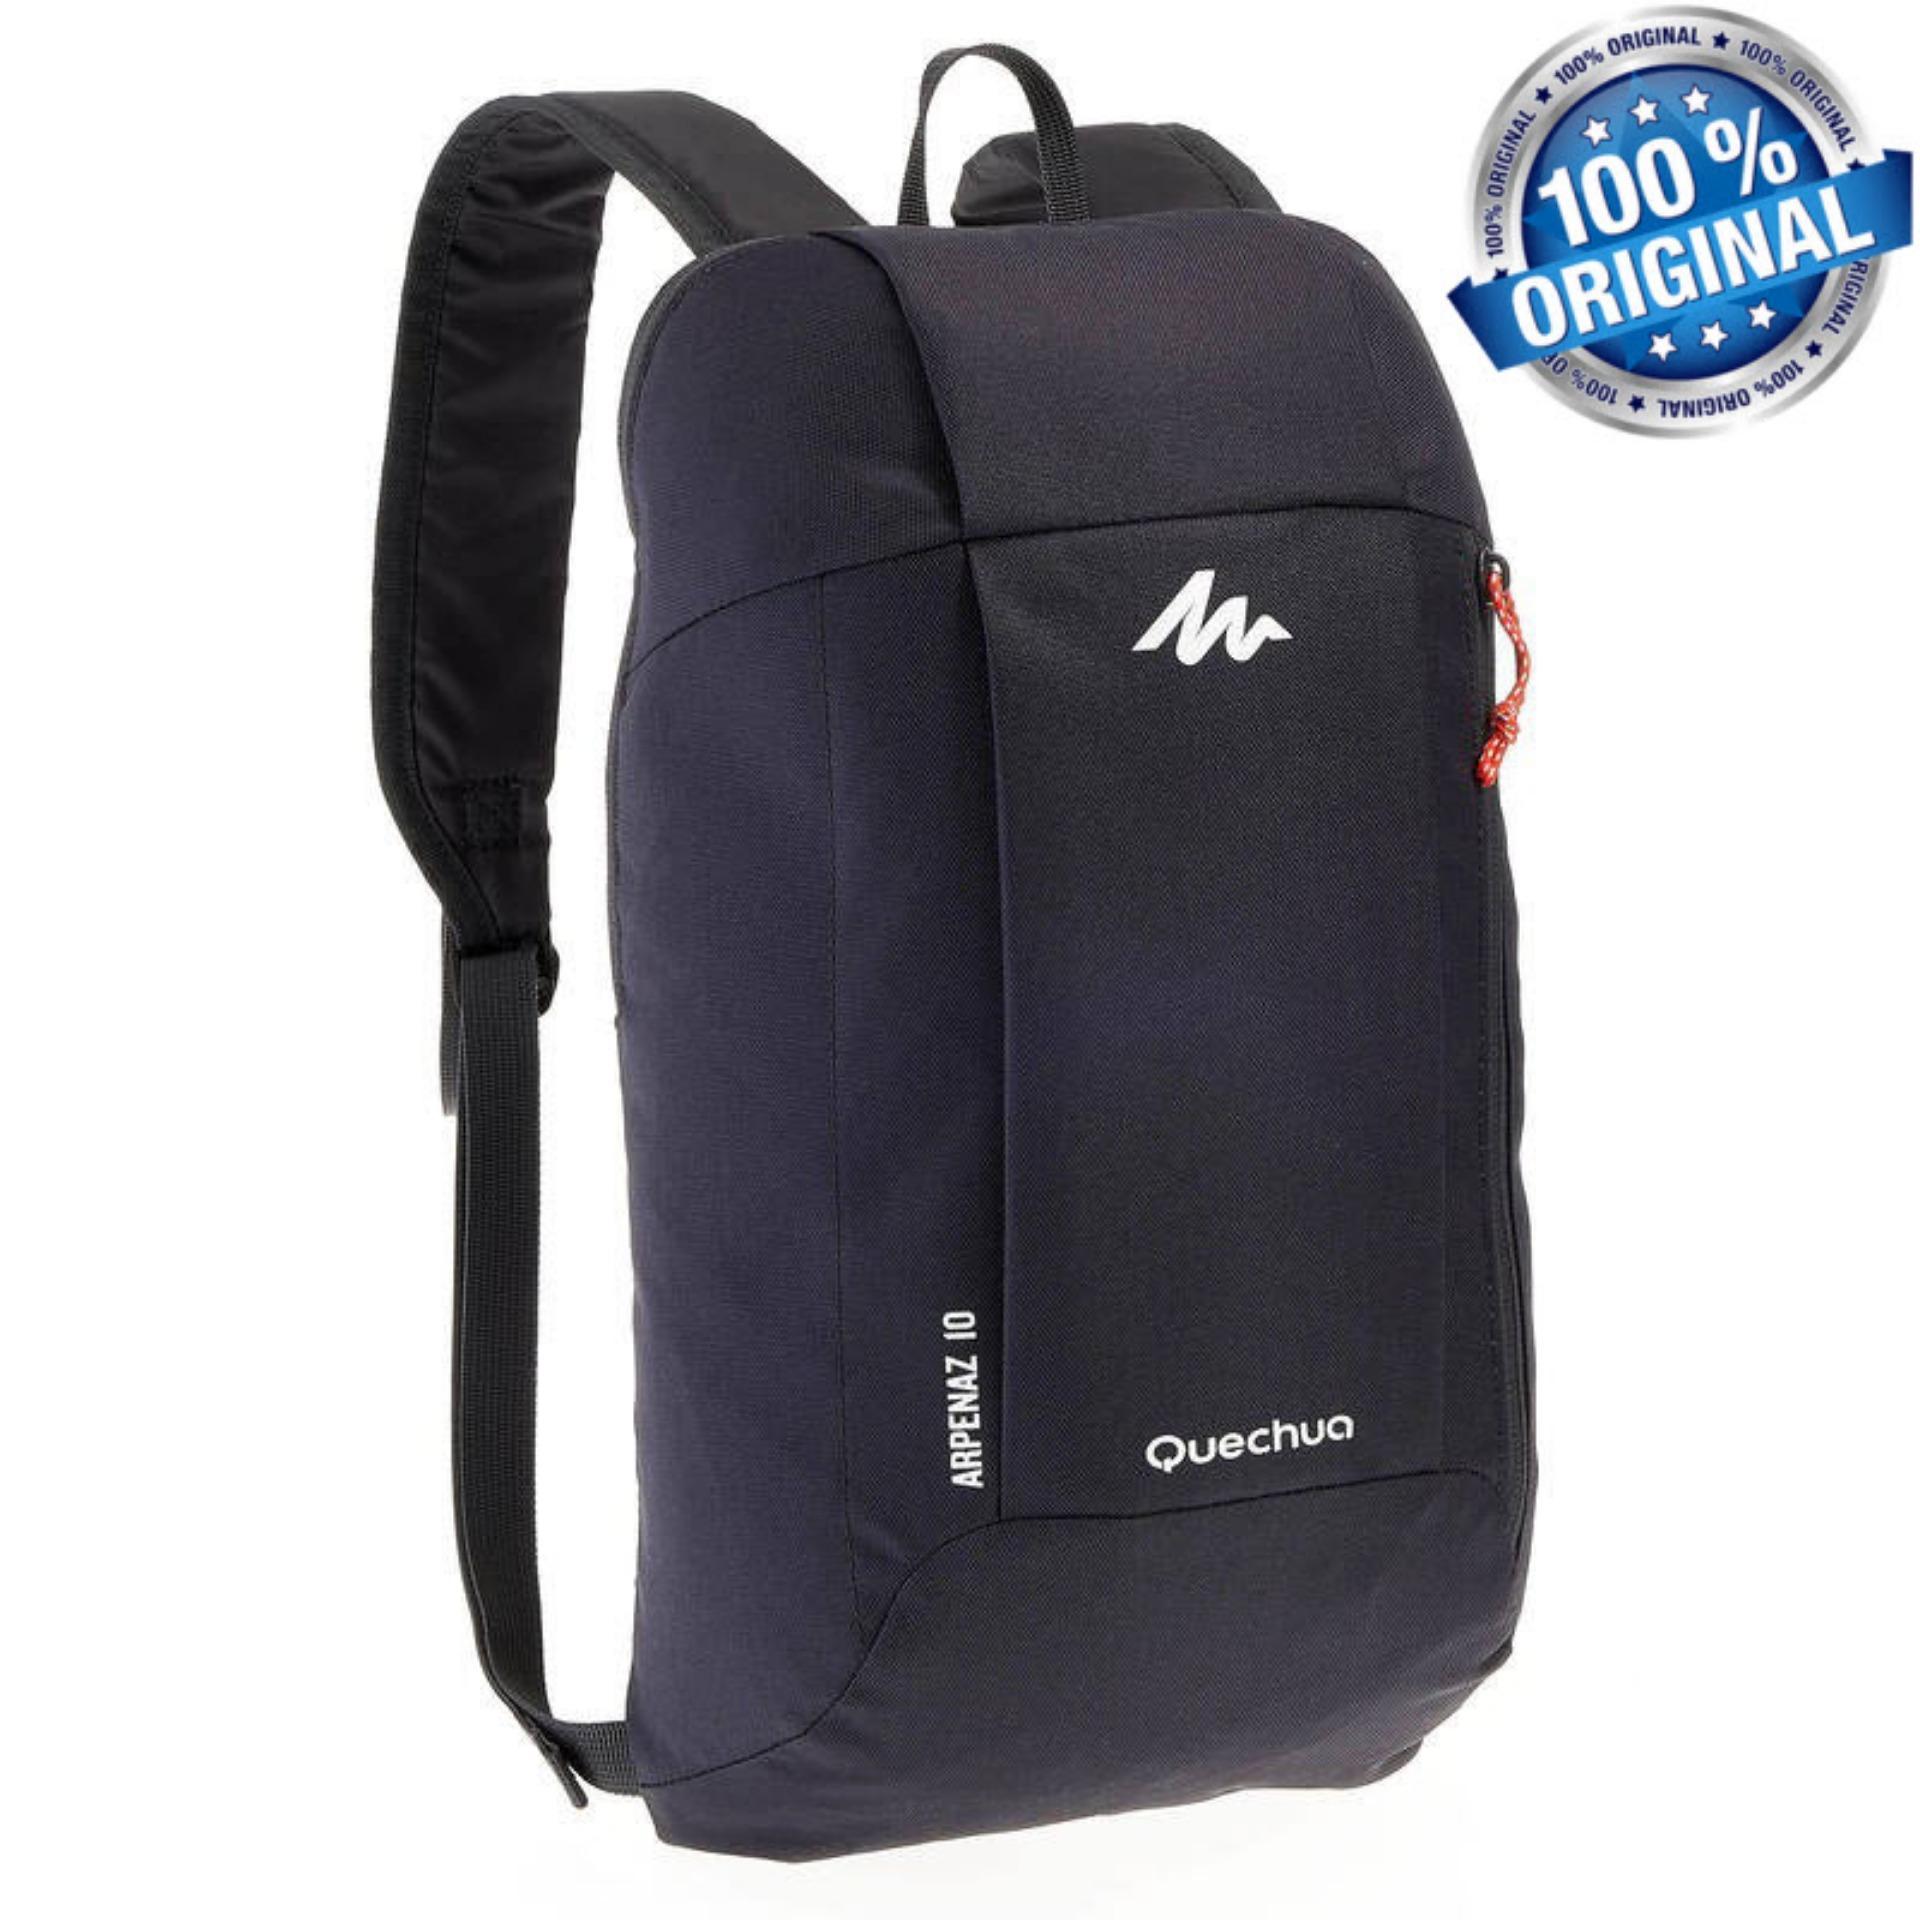 Di Yogyakarta. Original Branded Unisex Multipurpose Backpack MSR218   Tas  Ransel Kecil Harian Pria Wanita Dewasa Anak Laki 9098f20fbe